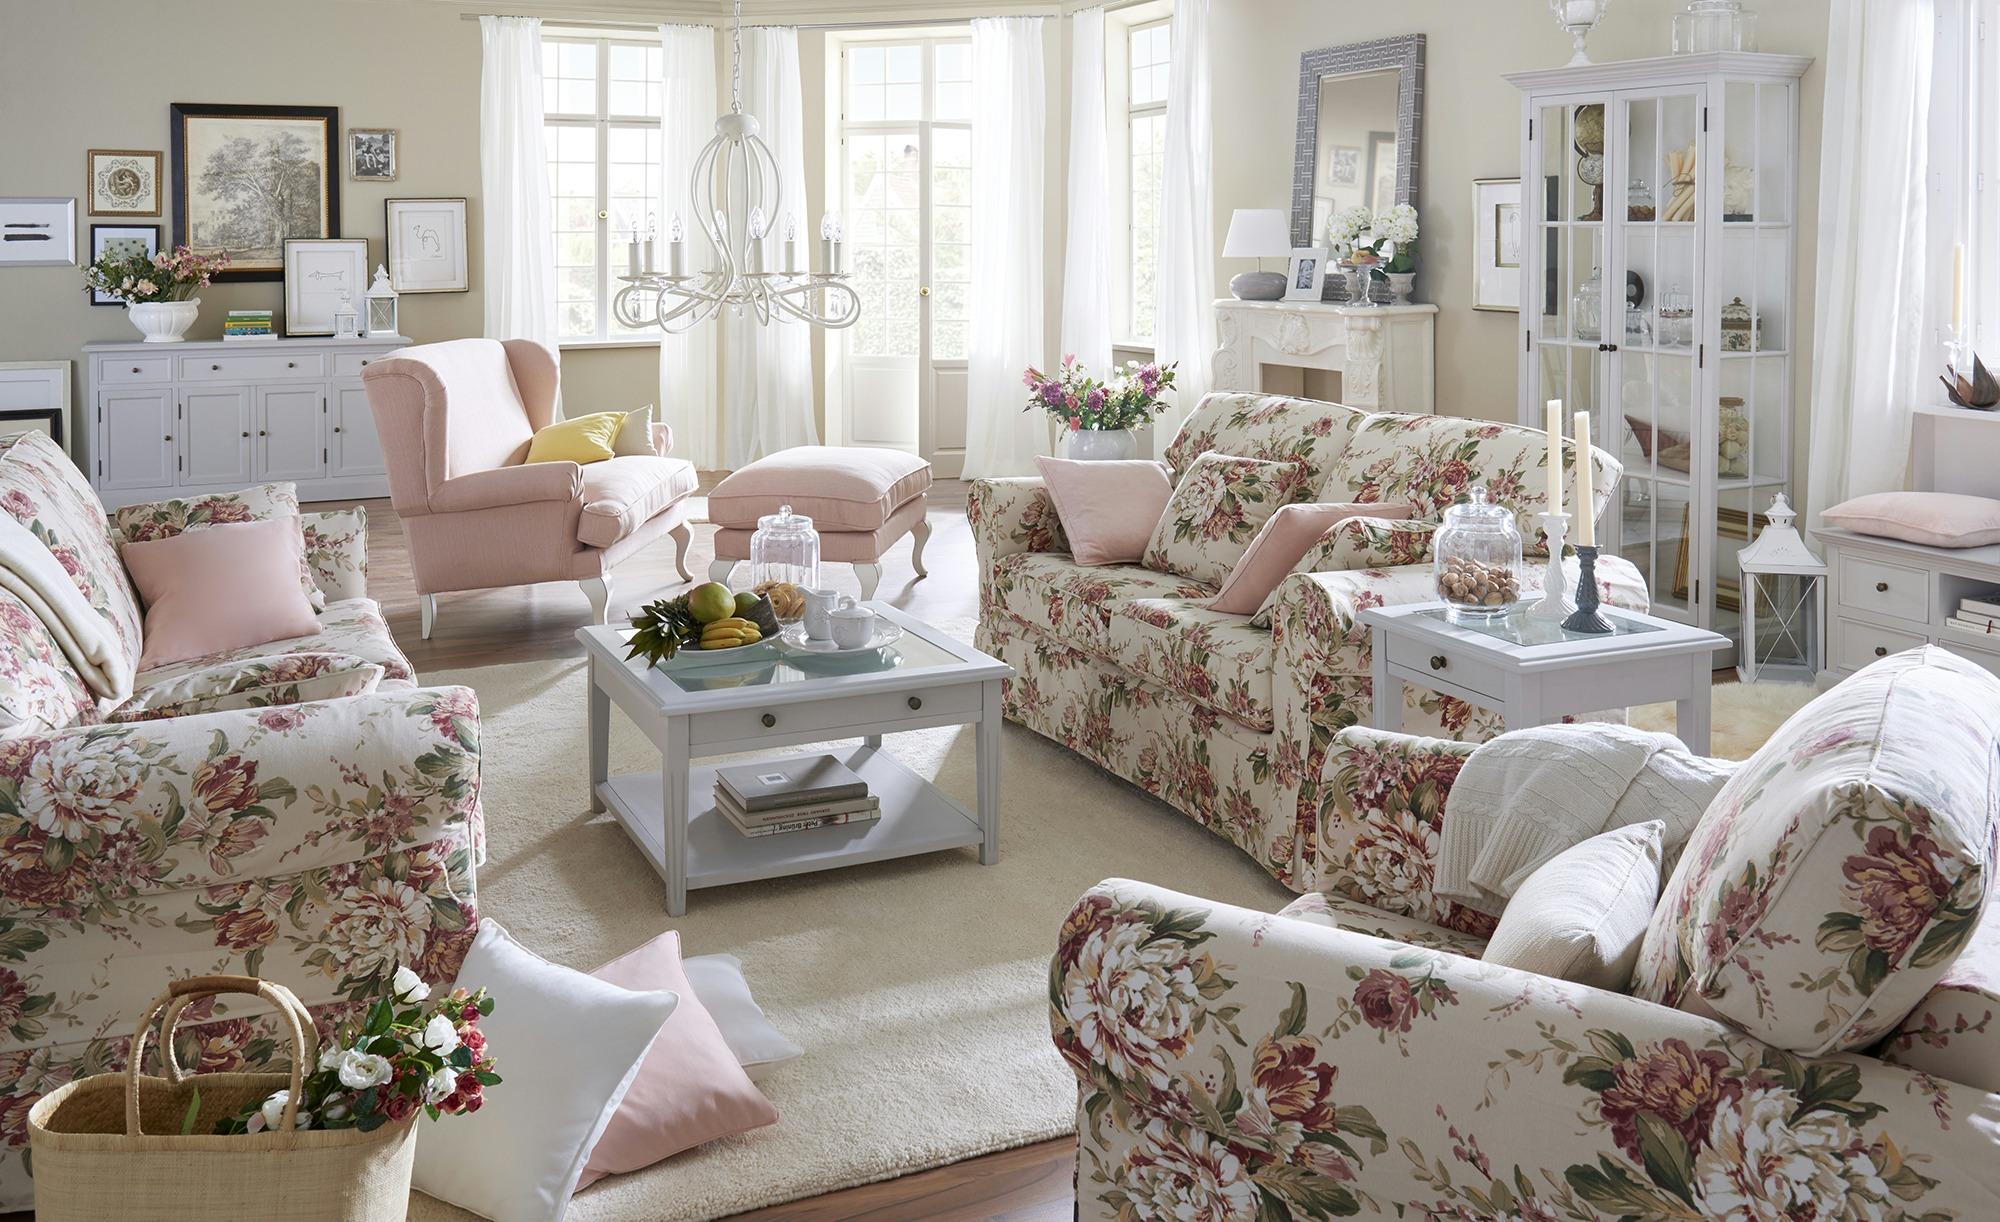 Berber-Teppich - creme - reine Wolle - 170 cm - Teppiche > Moderne Teppiche > Unifarbene Teppiche - Möbel Kraft | Heimtextilien > Teppiche > Berberteppiche | Sconto